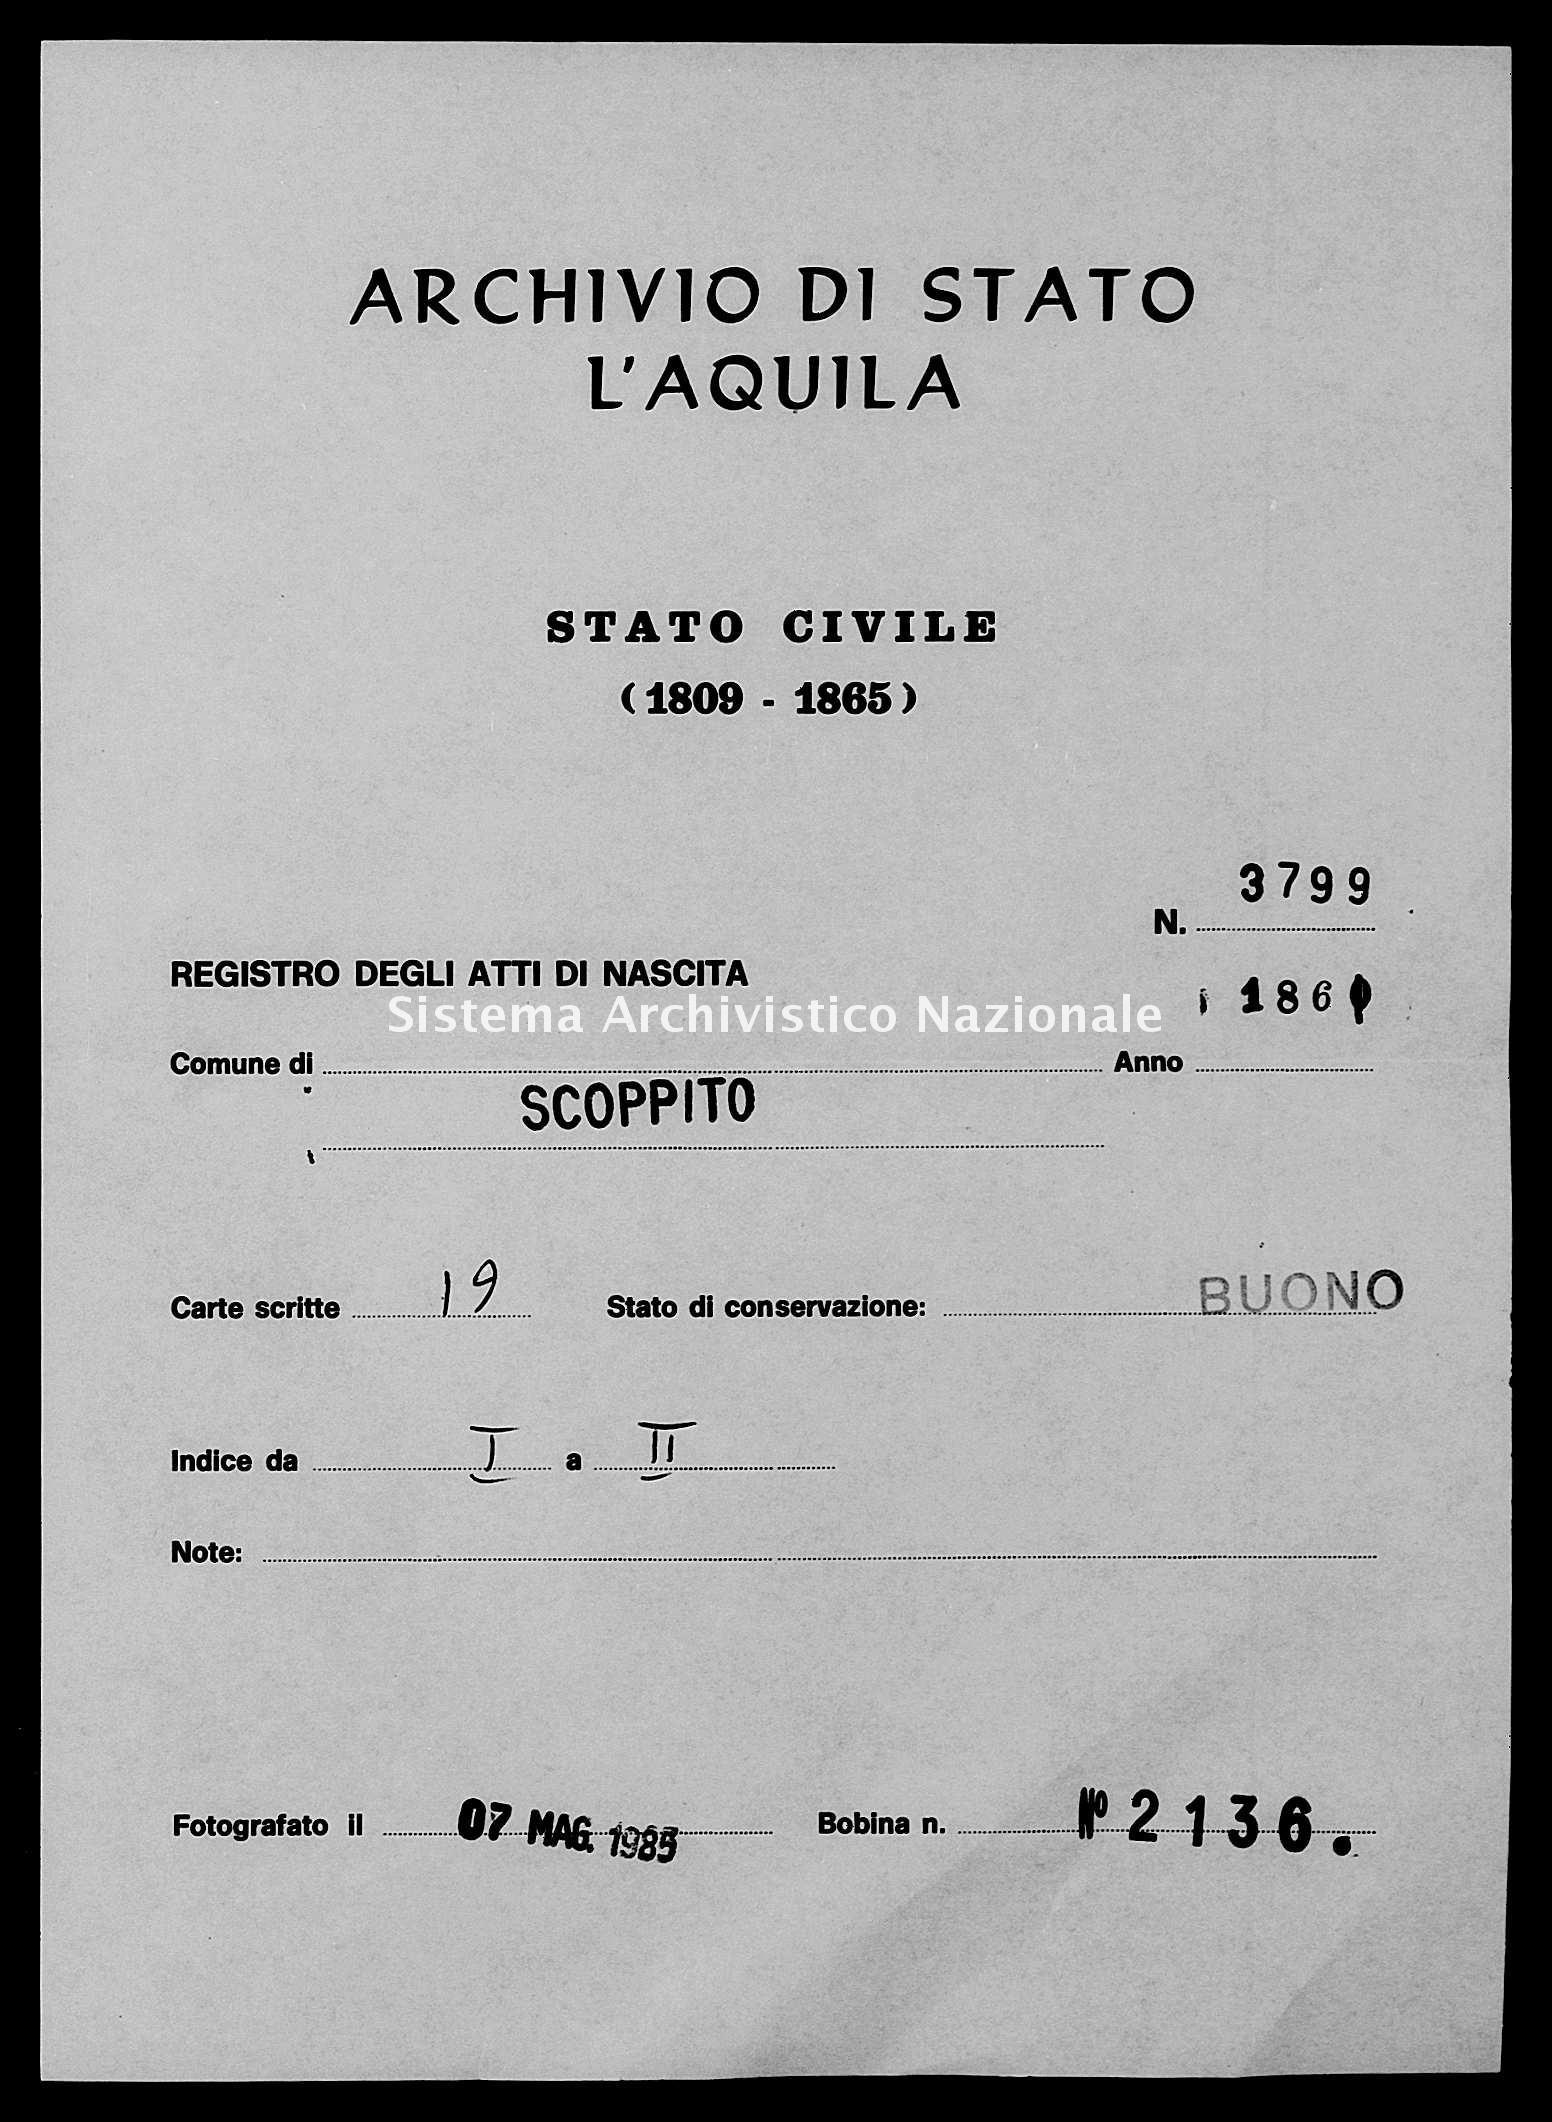 Archivio di stato di L'aquila - Stato civile italiano - Scoppito - Nati - 1861 - 3799 -